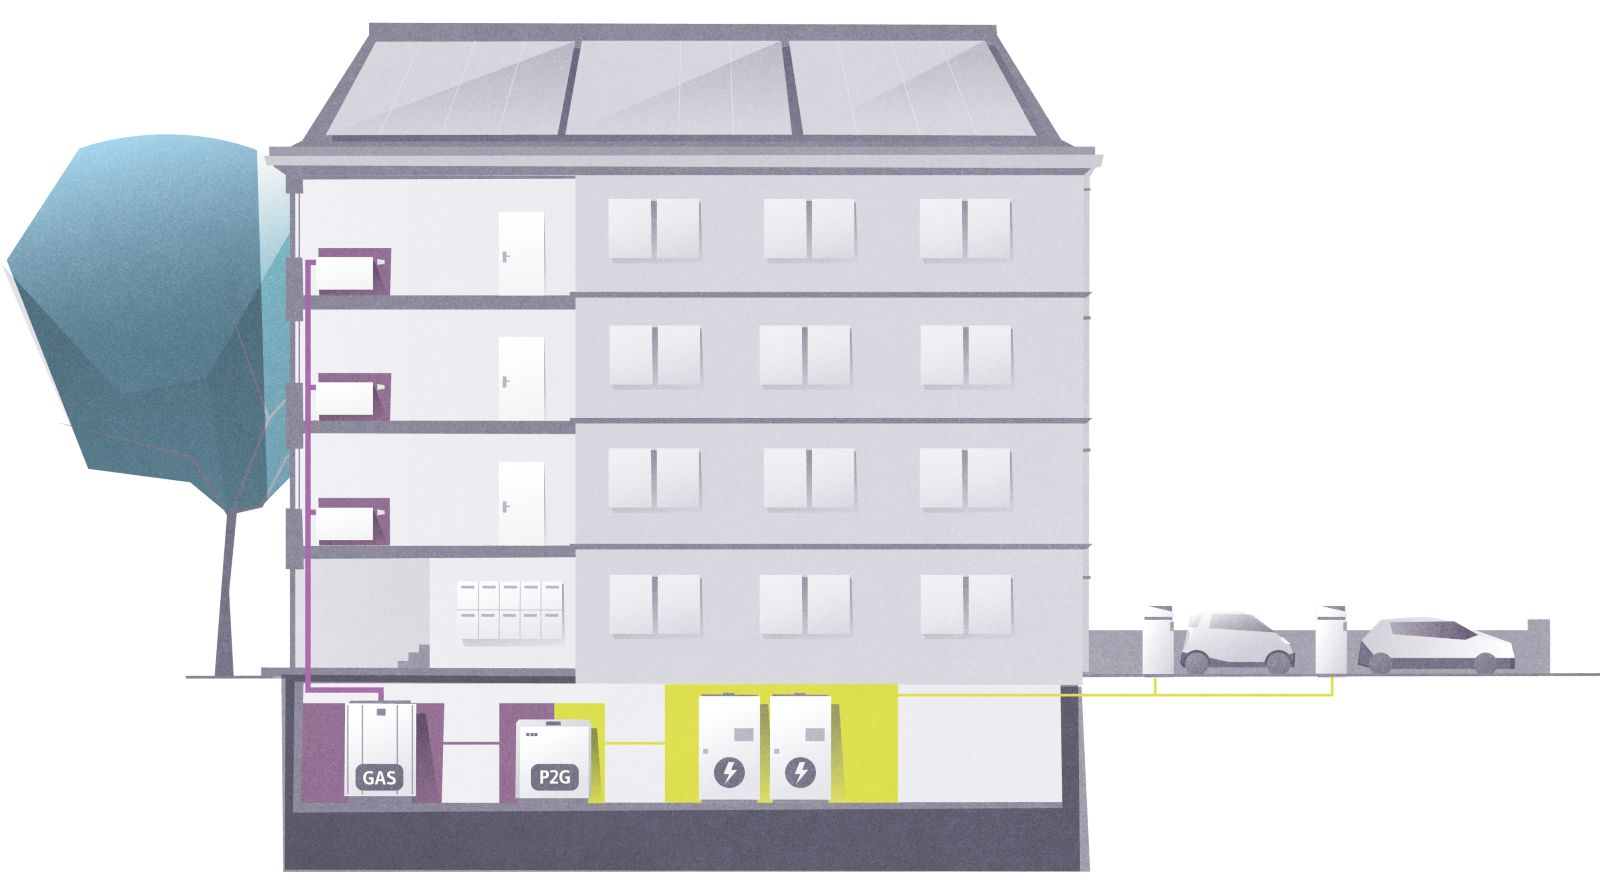 Das Bild zeigt eine Wohnsiedlung mit einer unterirdischen Power-to-Gas-Anlage.